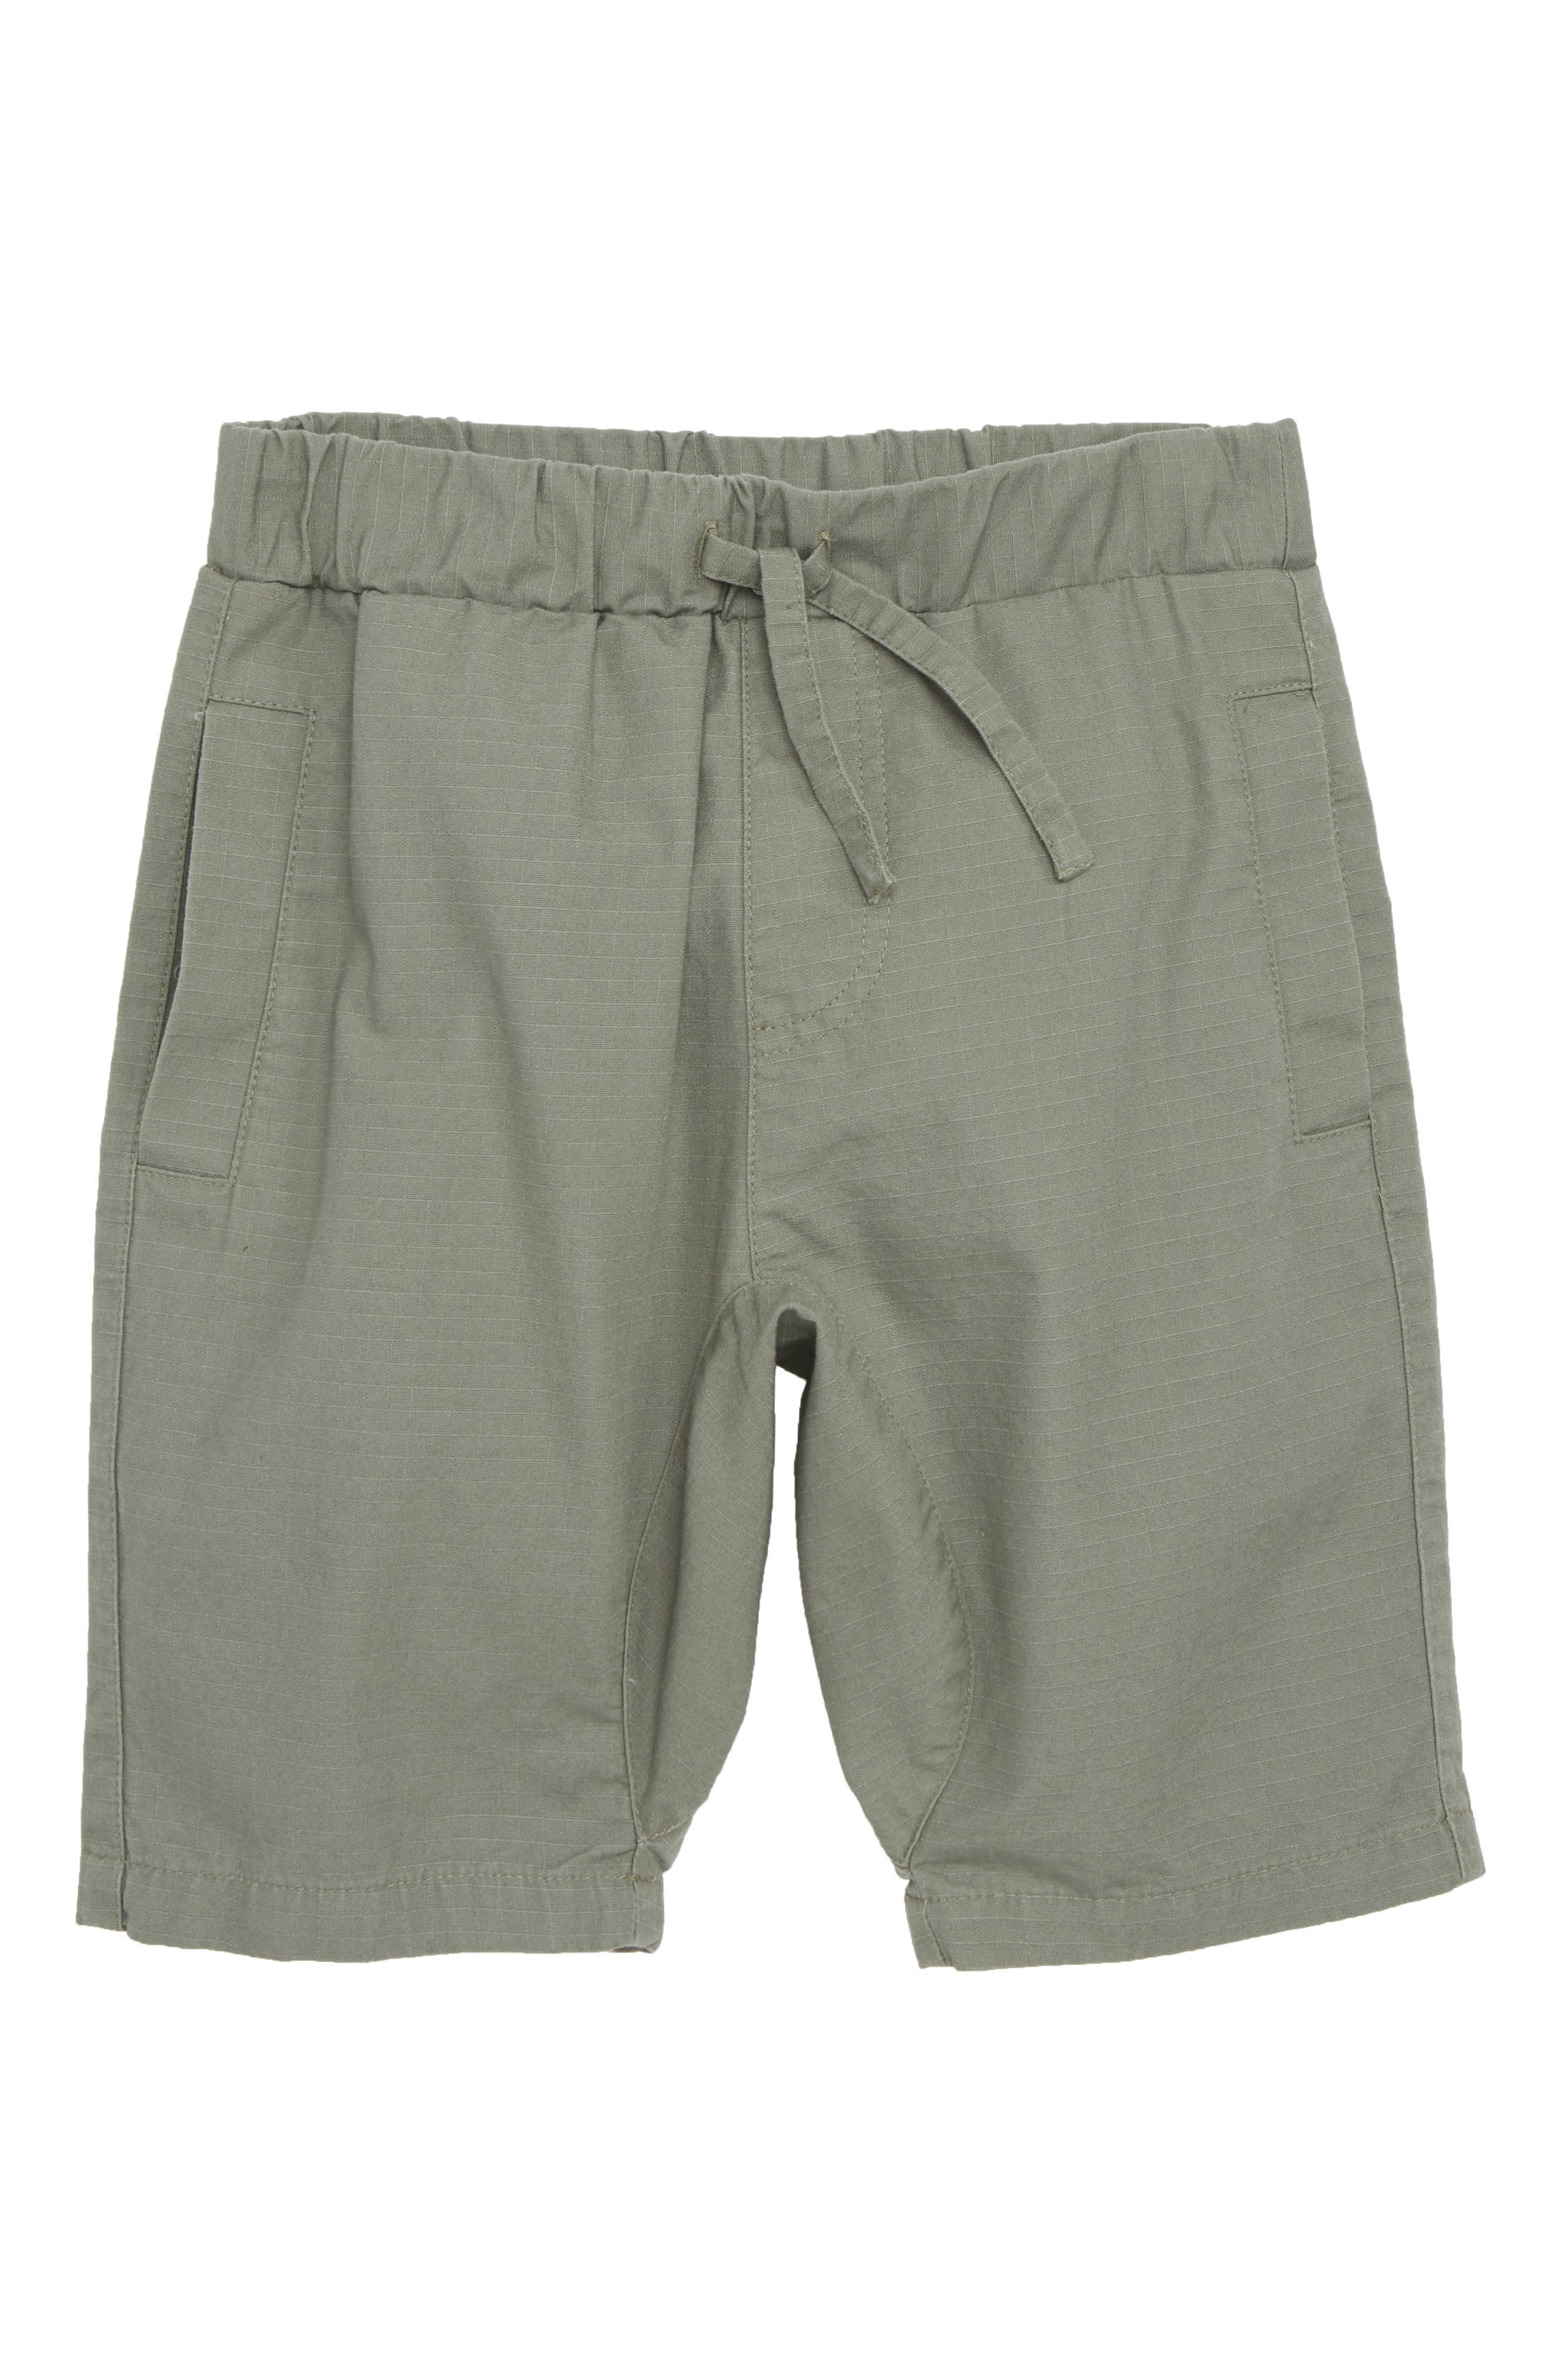 Ripstop Shorts,                         Main,                         color, 301